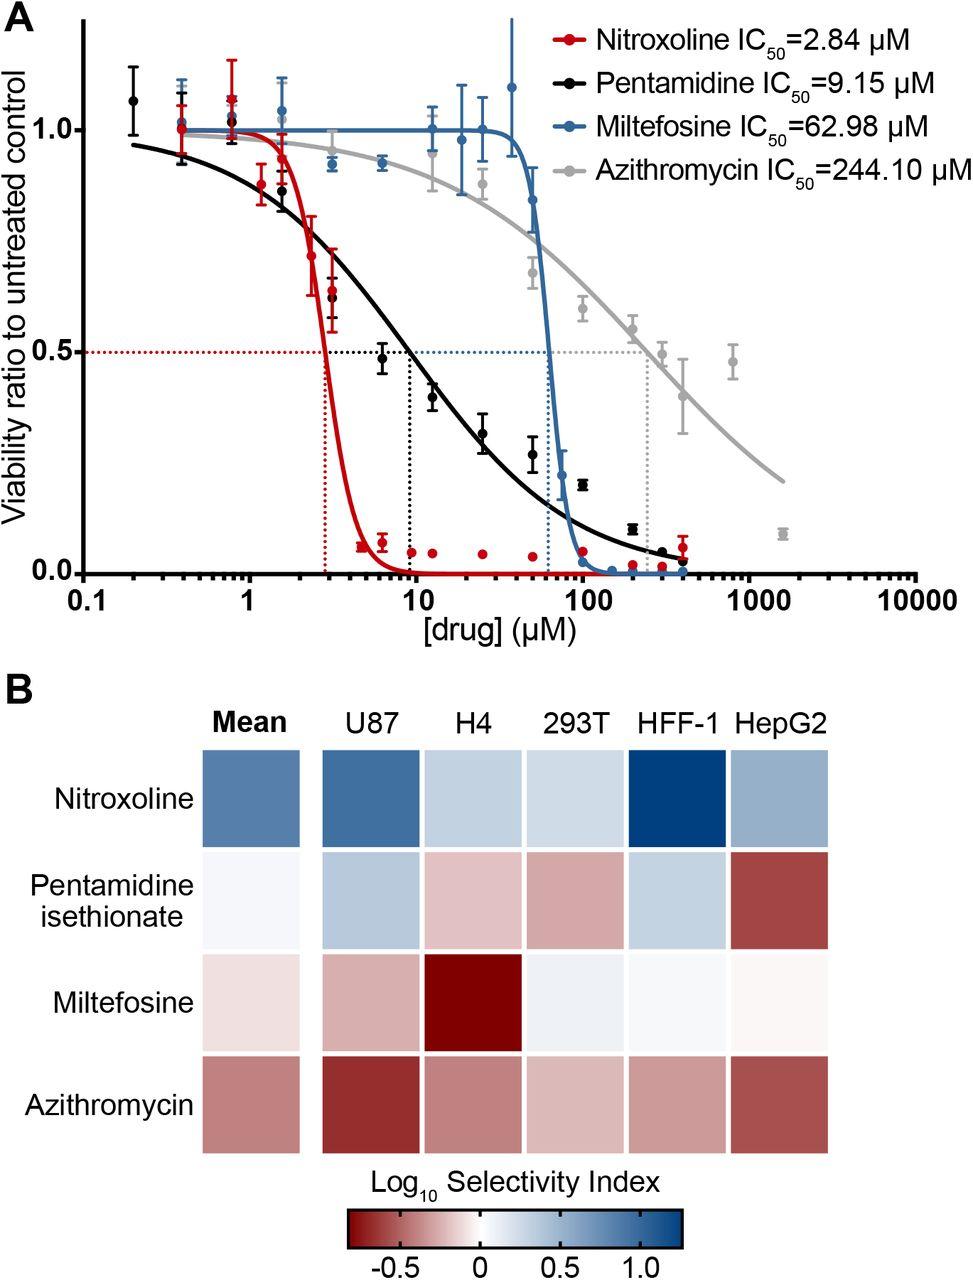 Repurposing the quinoline antibiotic nitroxoline to treat